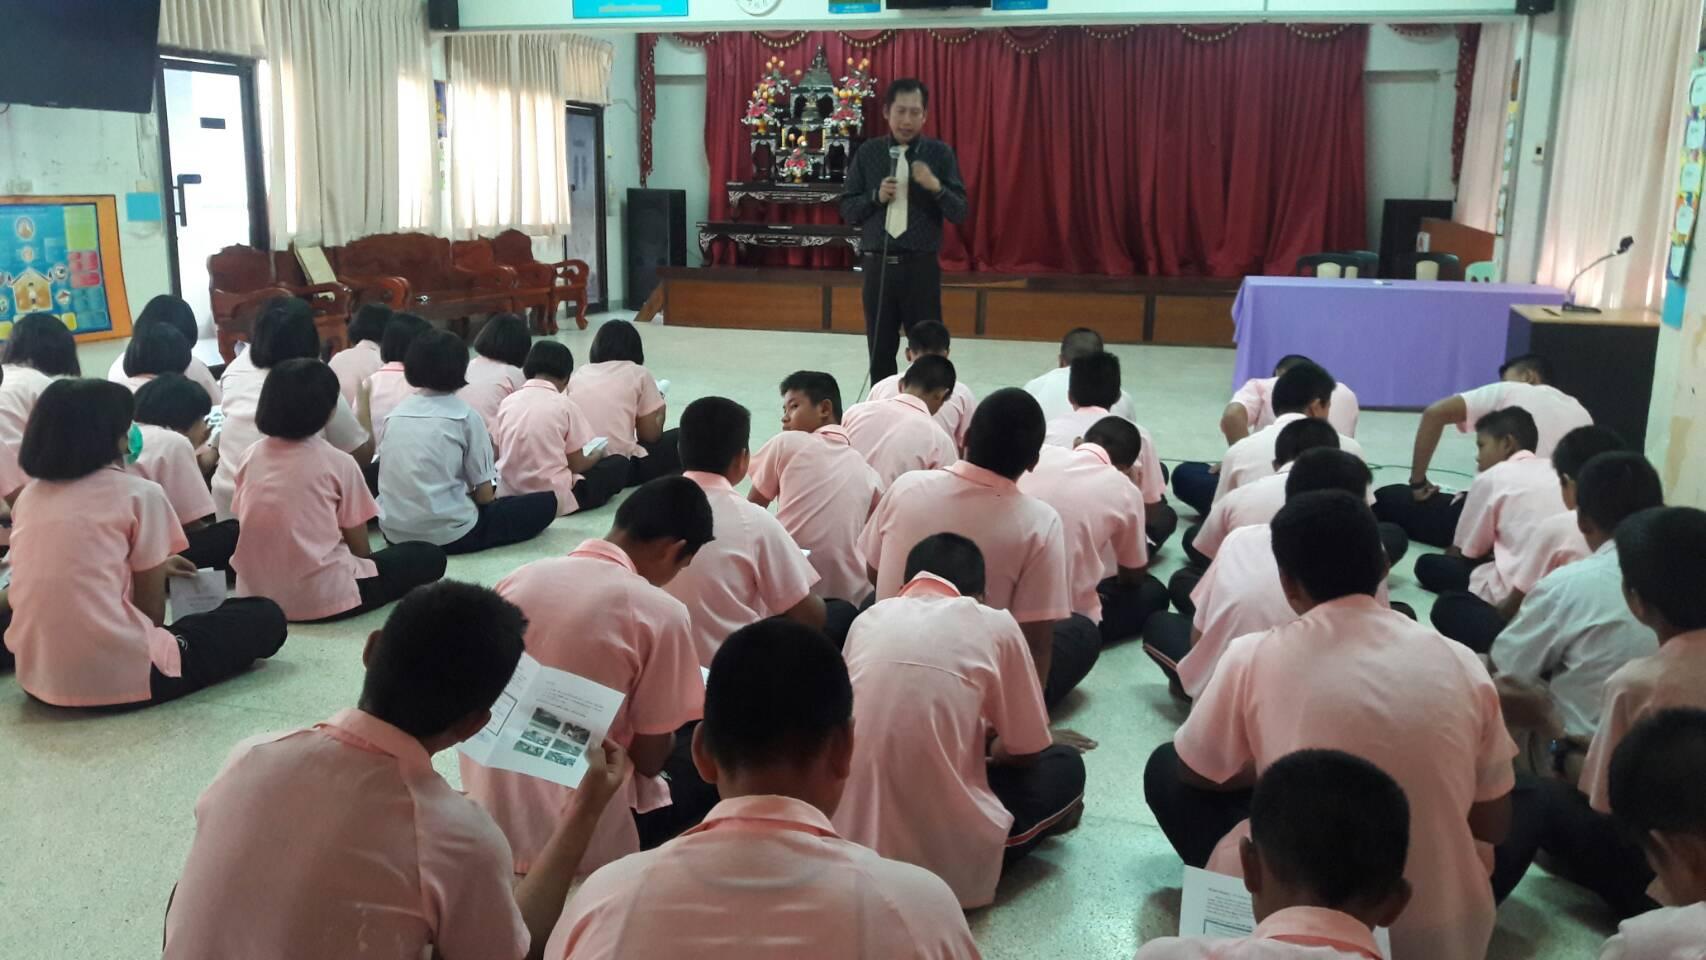 มสด.ออกแนะแนวหลักสูตร Pre-Teacher Program โรงเรียนเทศบาล 1 วัดศรีเมือง